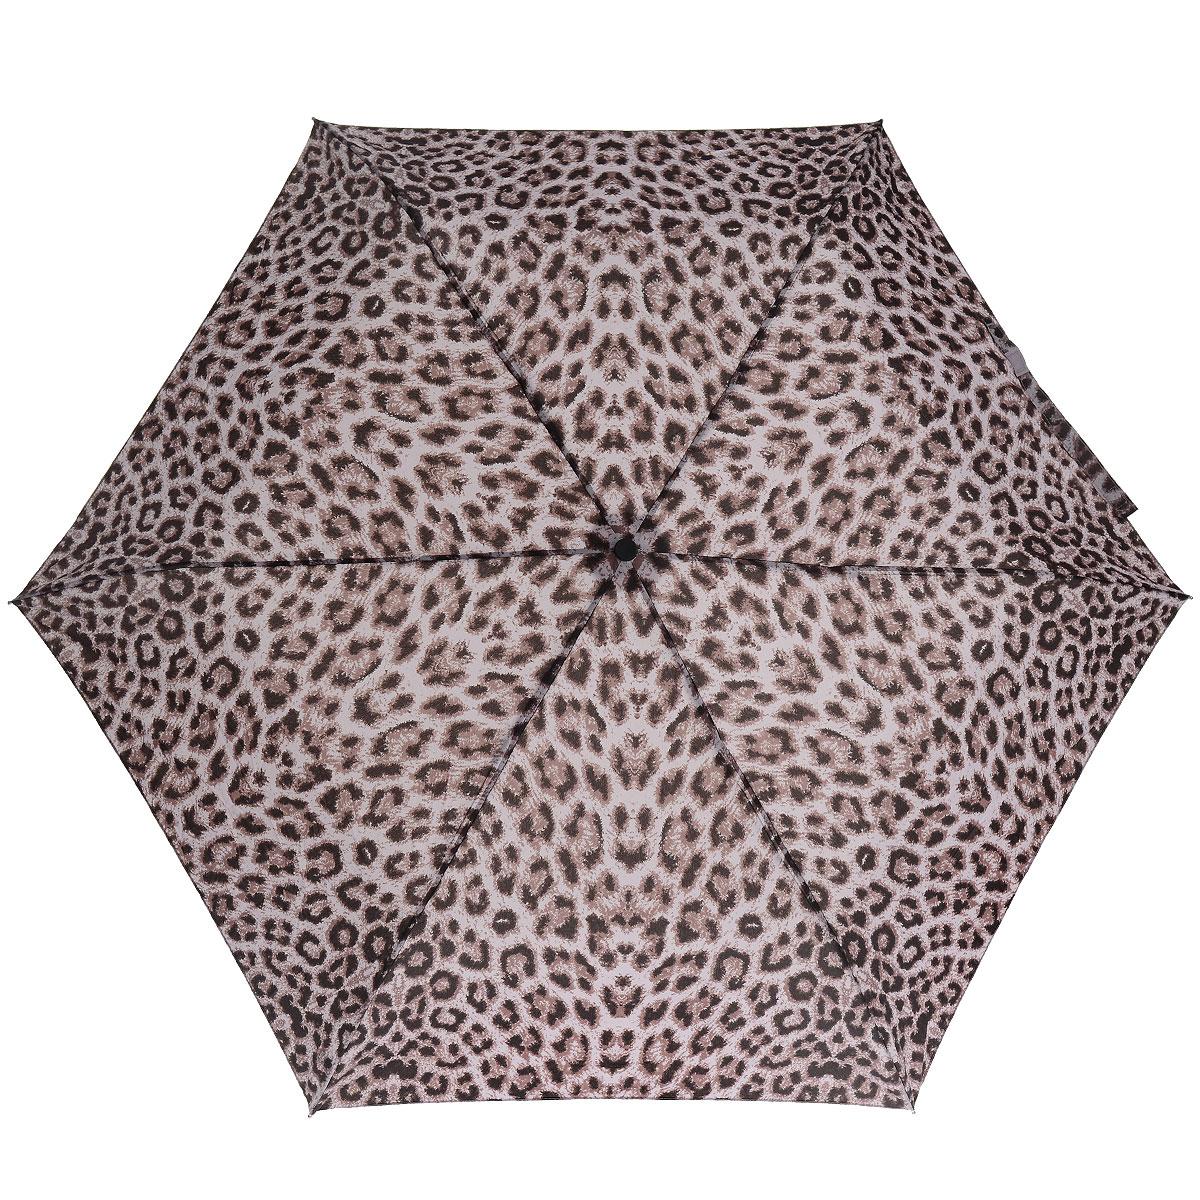 """Зонт женский Fulton Puma Purple, механический, 3 сложения, цвет: темно-розовыйL553 3F2626Стильный зонт Fulton """"Puma Purple"""" защитит от непогоды, а его компактный размер позволит вам всегда носить его с собой. """"Ветростойкий"""" алюминиевый каркас в 3 сложения состоит из шести спиц с элементами из фибергласса, зонт оснащен удобной рукояткой из пластика. Купол зонта выполнен из прочного полиэстера и оформлен леопардовым принтом. На рукоятке для удобства есть небольшой шнурок-резинка, позволяющий надеть зонт на руку тогда, когда это будет необходимо. К зонту прилагается чехол на липучке. Зонт механического сложения: купол открывается и закрывается вручную, стержень также складывается вручную до характерного щелчка. Характеристики: Материал: алюминий, фибергласс, пластик, полиэстер. Цвет: темно-розовый. Диаметр купола: 86 см. Длина зонта в сложенном виде: 22 см. Длина ручки (стержня) в раскрытом виде: 51 см. Вес: 138 г. Диаметр зонта (в сложенном виде): 3 см. Артикул: L553 3F2626."""